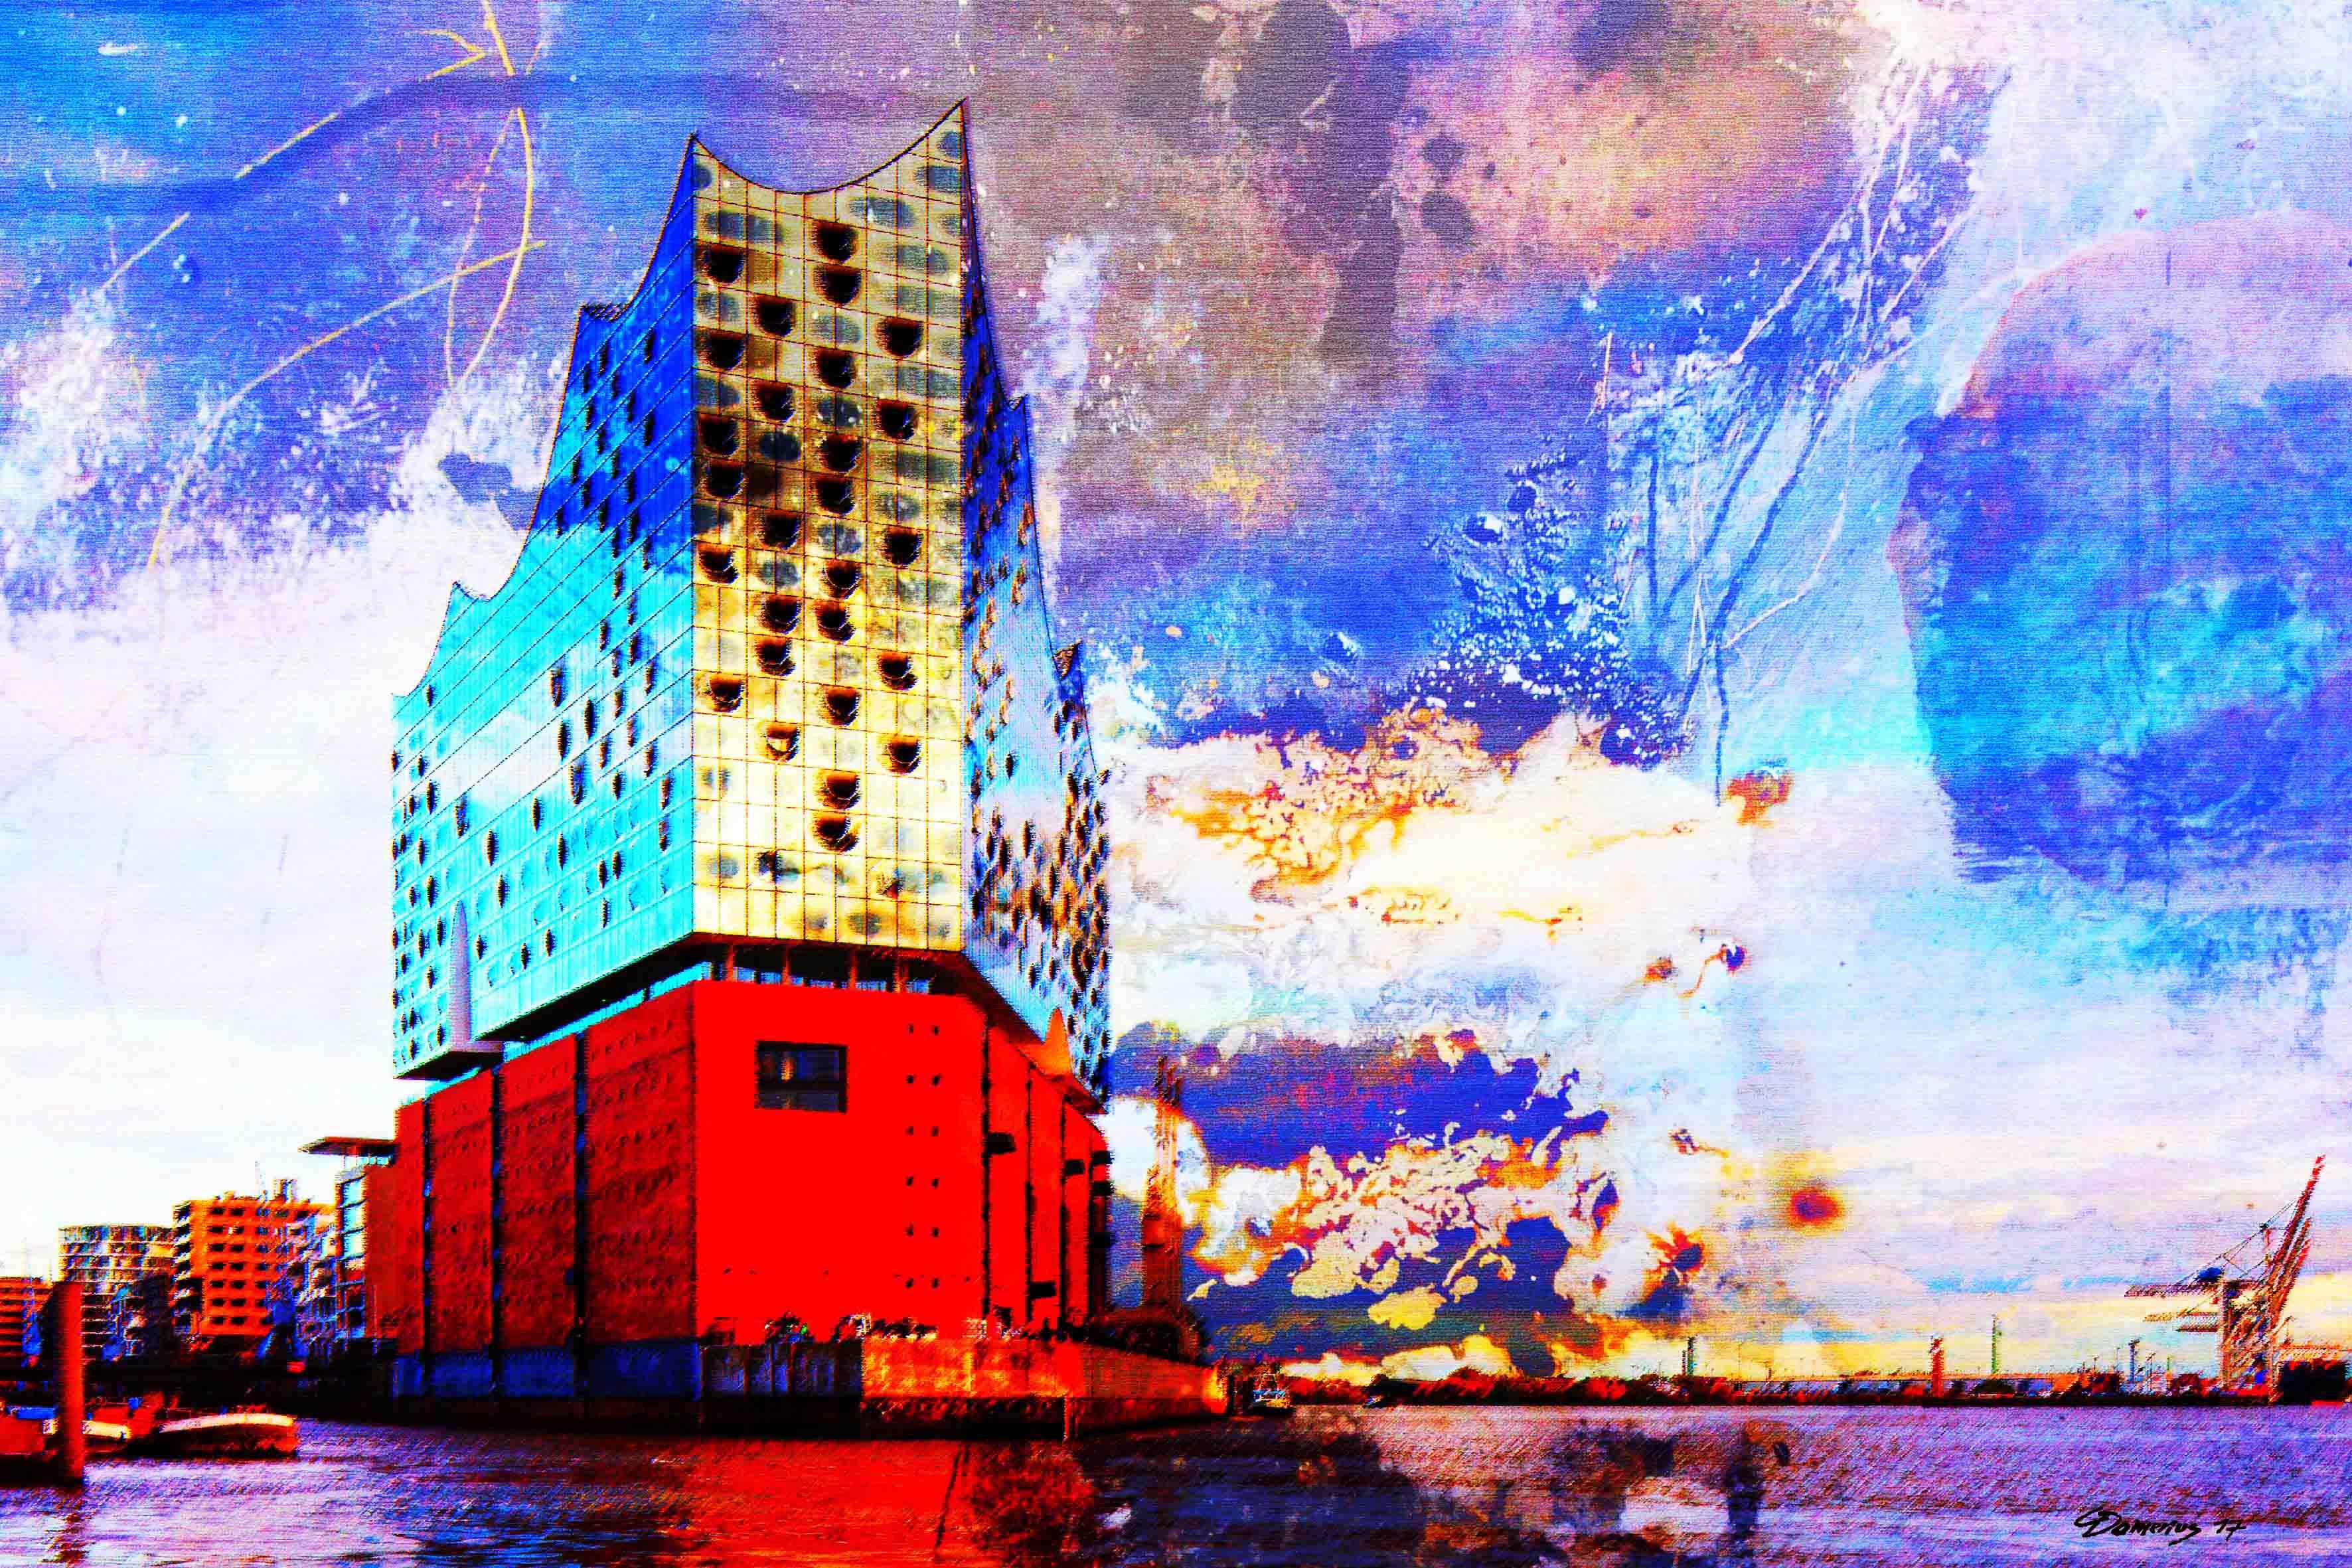 hamburger elbphilharmonie christian damerius,kunstdrucke deutschland,moderne Bilder für Büroräume,bilder büro modern,moderne raumgestaltung mit malerei bildern,design bürowände wohnzimmer,moderne malerei reinbek hamburg,gemälde in hamburg reinbek kaufen,BILDER GALERIE HAMBURG,CHRISTIAN DAMERIUS,REINBEK,KUNST IN HAMBURG KAUFEN,MODERNE KUNSTDRUCKE,CHRISTIAN DAMERIUS KUNSTDRUCKE ELBPHILHARMONIE,LEINWANDDRUCKE HAMBURG,CANVAS,KUNSTDRUCKE HAMBURG HAFENMOTIVE,SPEICHERSTADT,ELBPHILHARMONIE,DRUCKE BESTELLEN,KAUFEN,BEKANNTE BERÜHMTE MALER HAMBURG